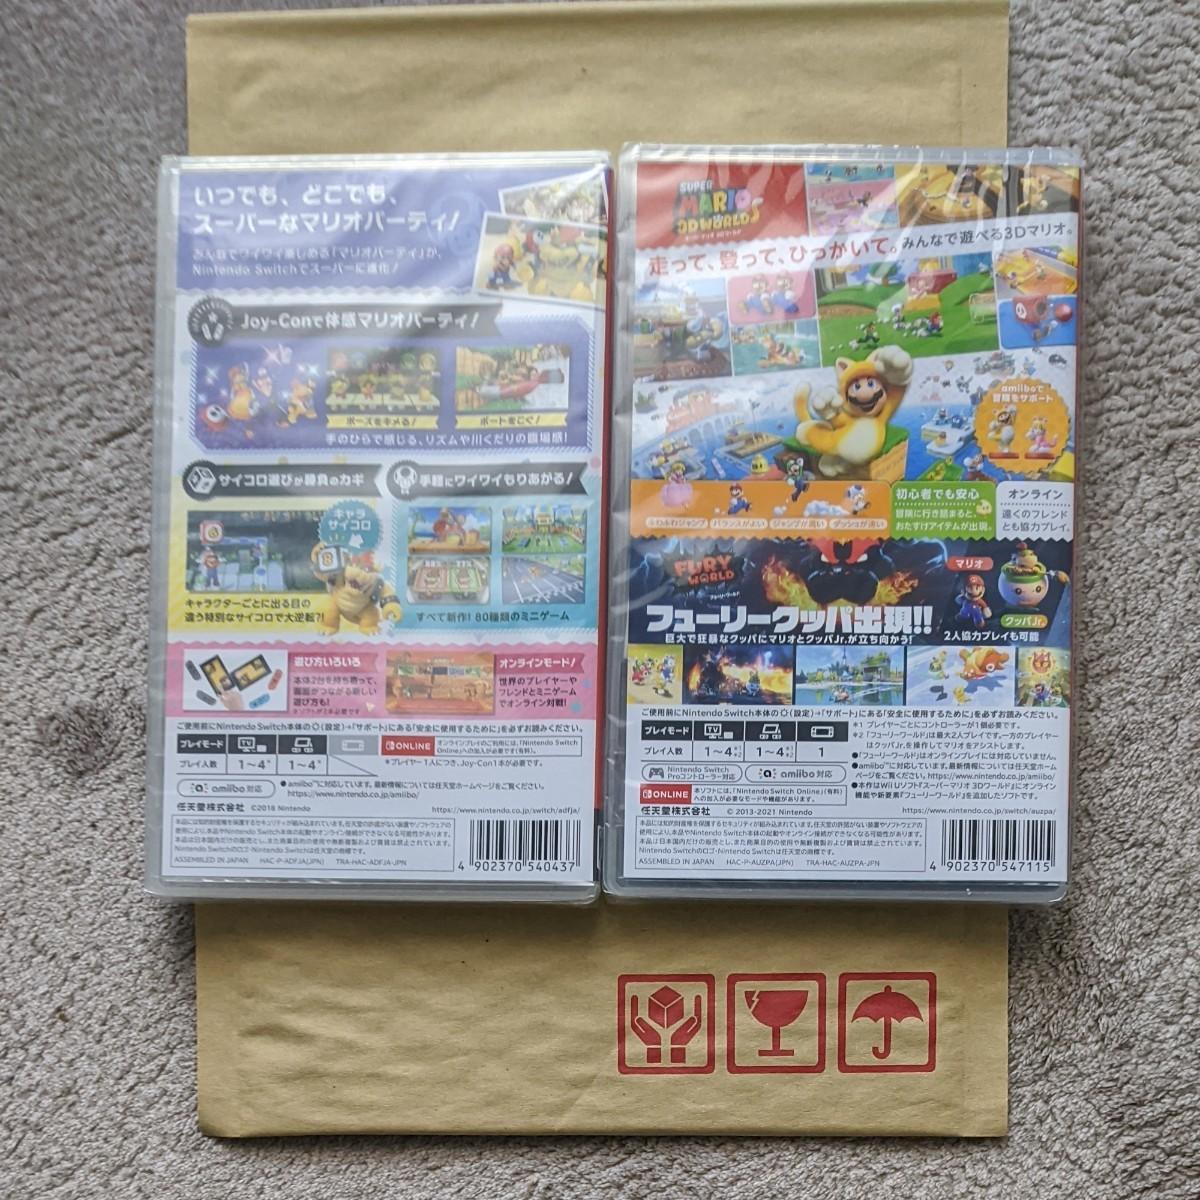 Nintendo Switchソフトセット スーパーマリオパーティ+スーパーマリオ3Dランド、フューリーワールド任天堂Switch